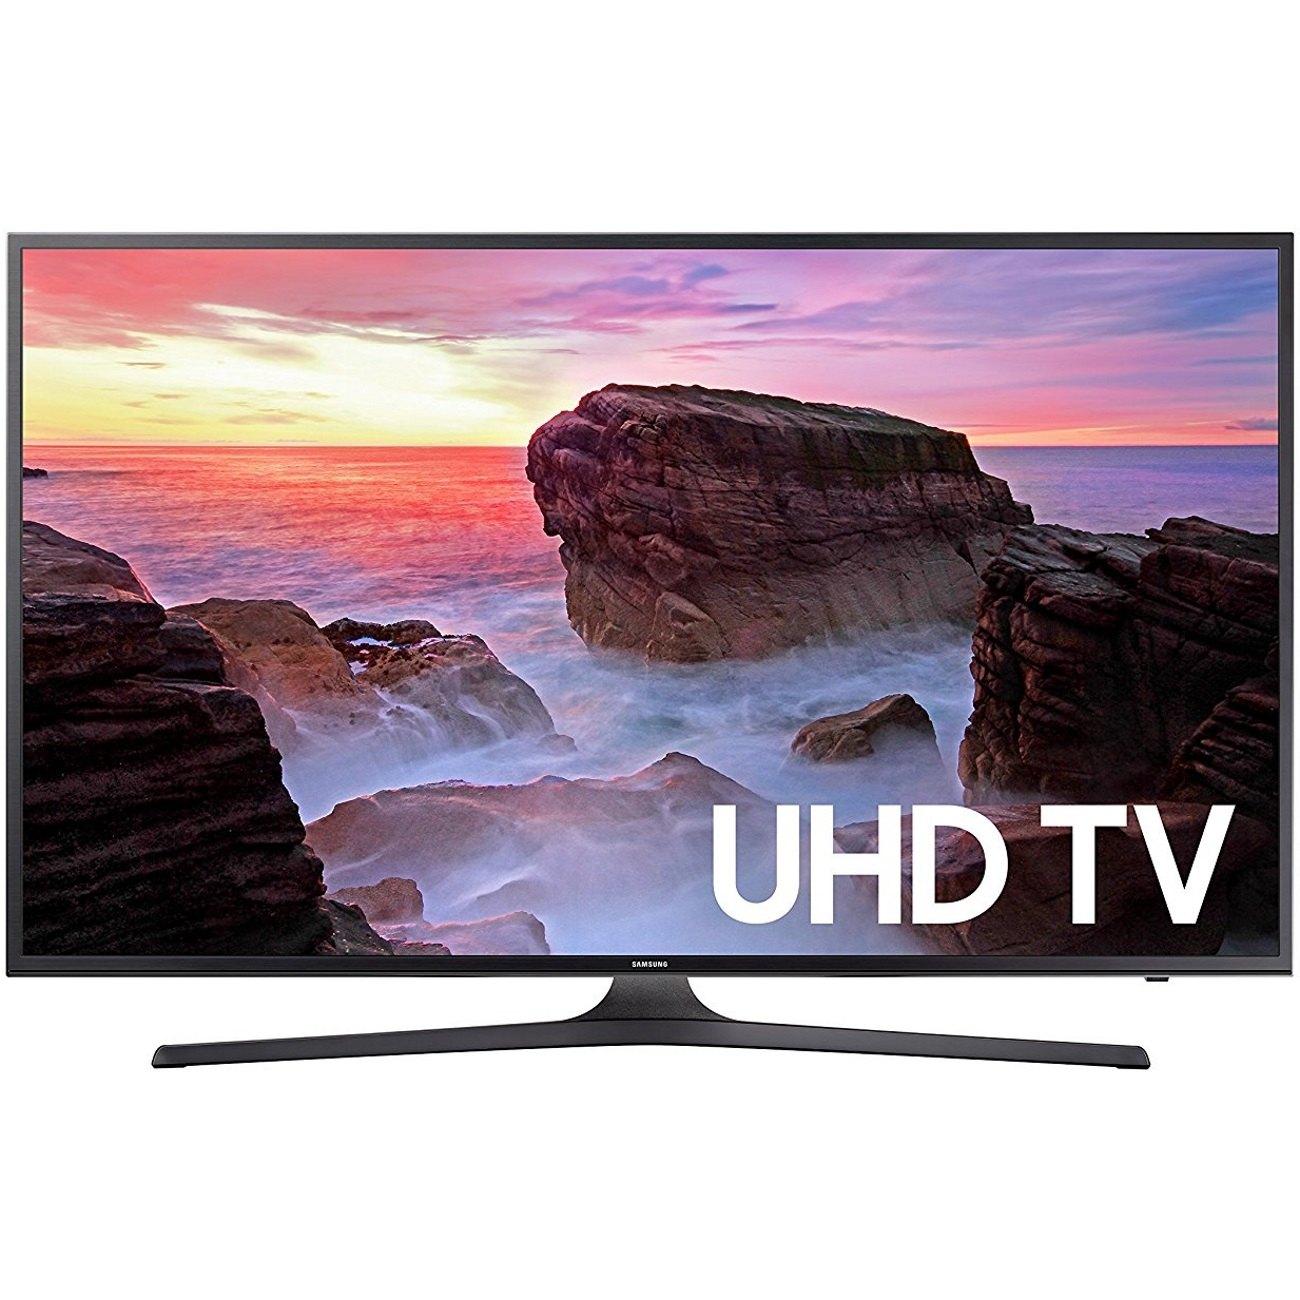 """65"""" Samsung UN65MU6300FXZA 4K HDR UHD Smart LED HDTV $822.99 + Free Shipping"""